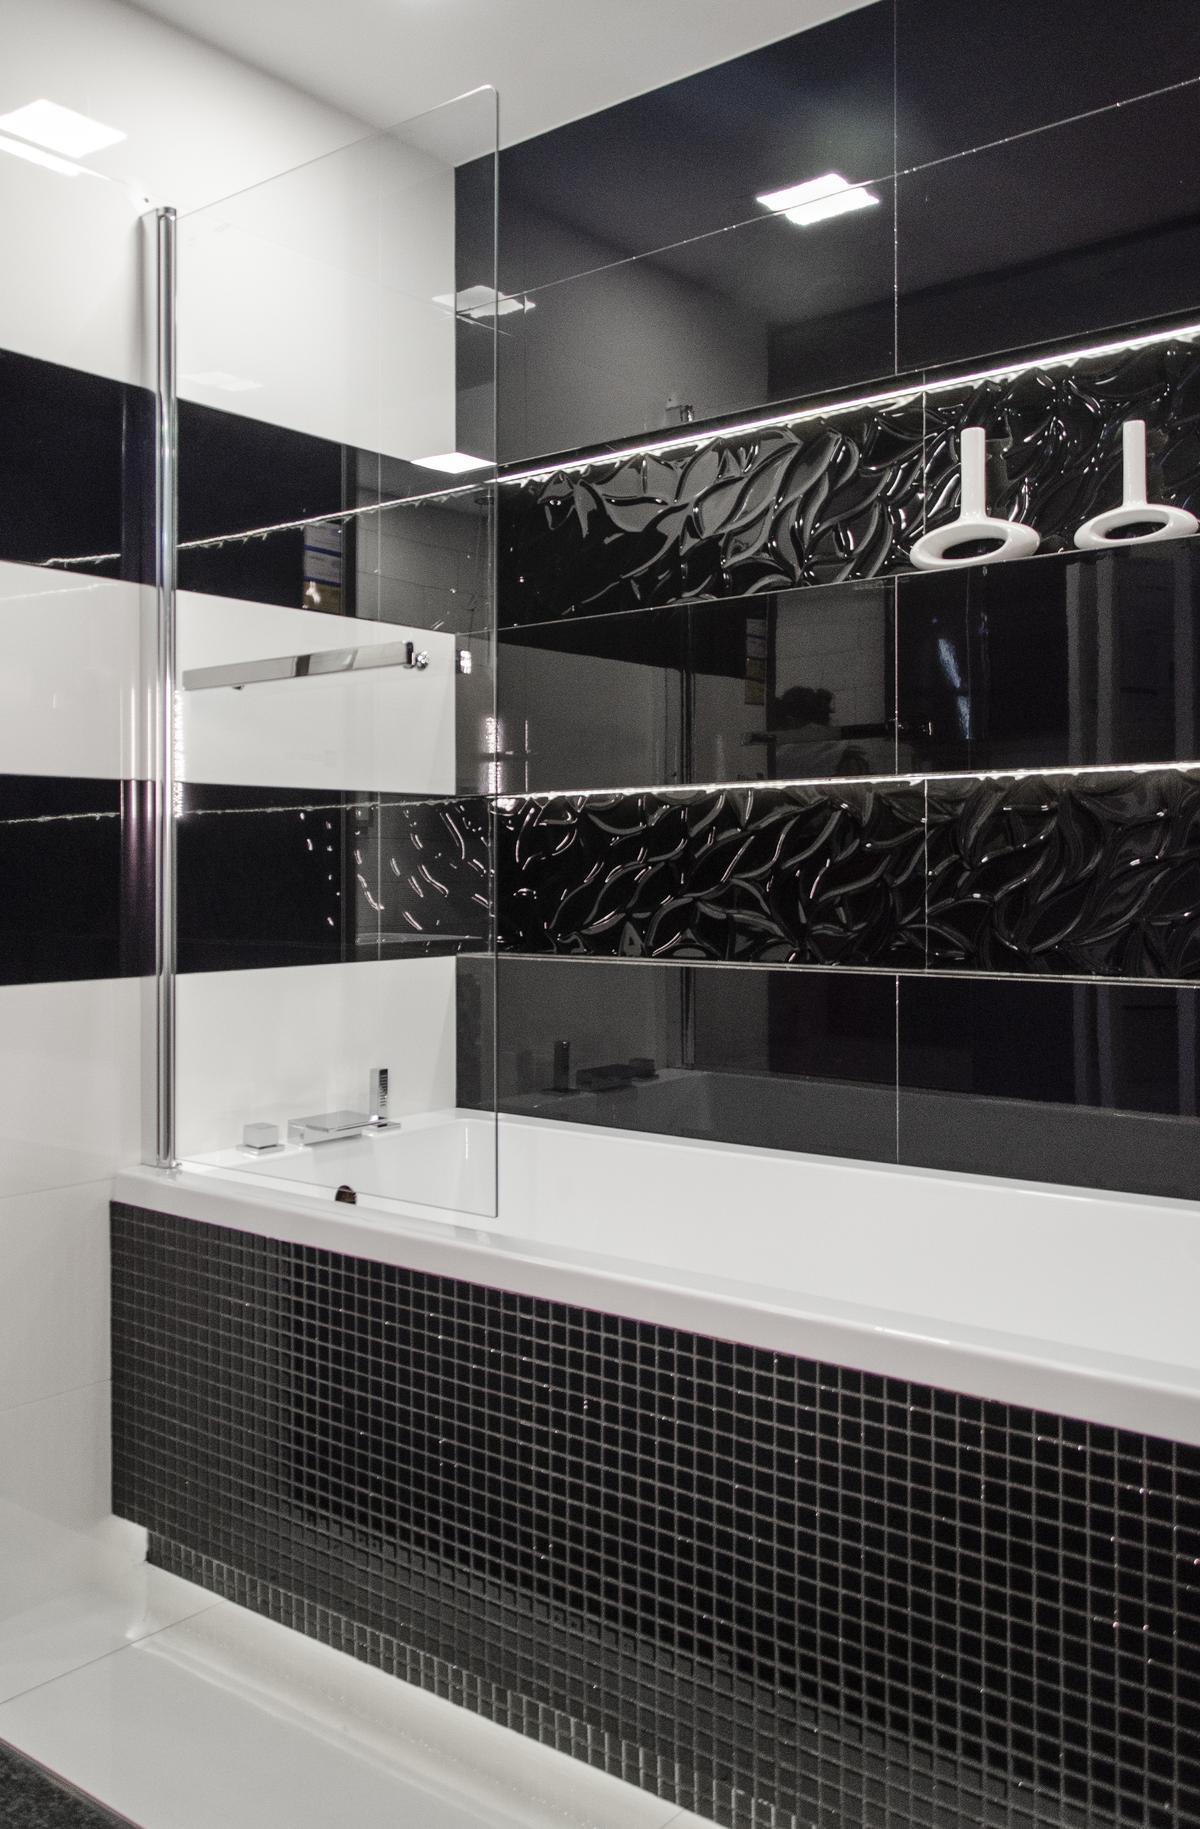 Biało-czarna aranżacja łazienki z płytką strukturalną i mozaiką - zdjęcie od BLU salon łazienek Koszalin